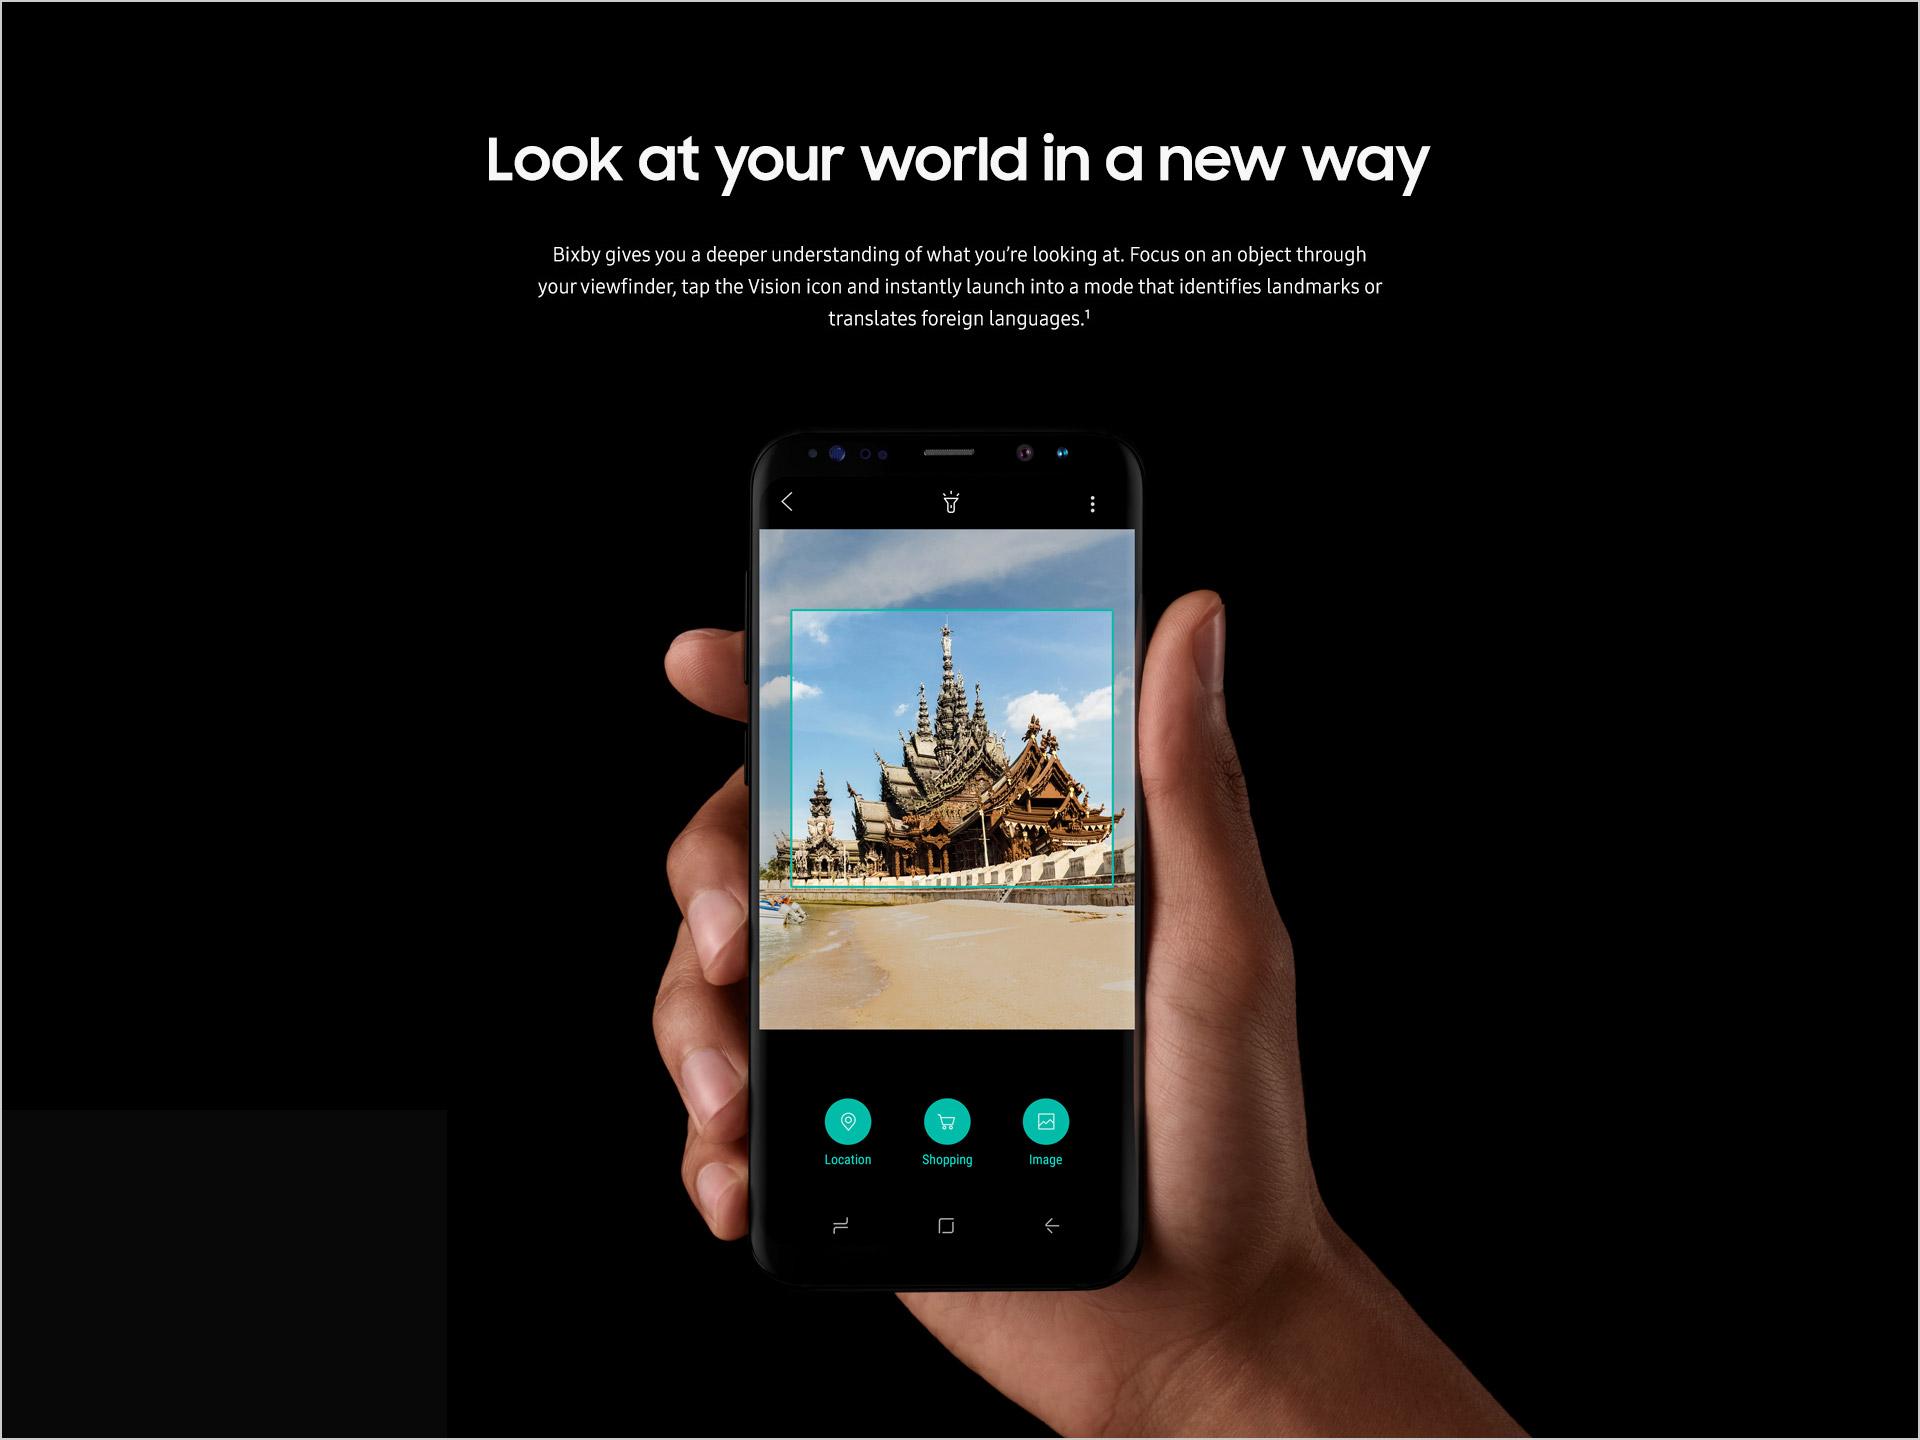 Samsung_Galaxy_S8_Web_Bixby_5.jpg